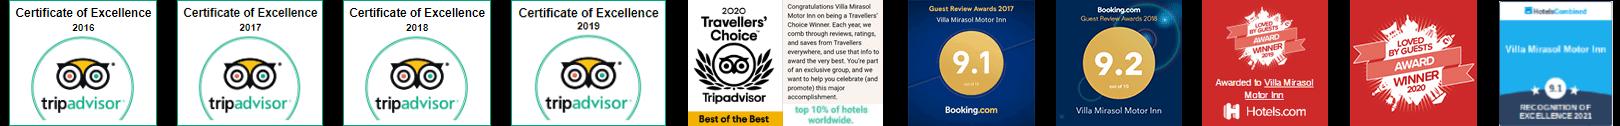 Villa Mirasol Motor Inn Awards - Motel in Bundaberg